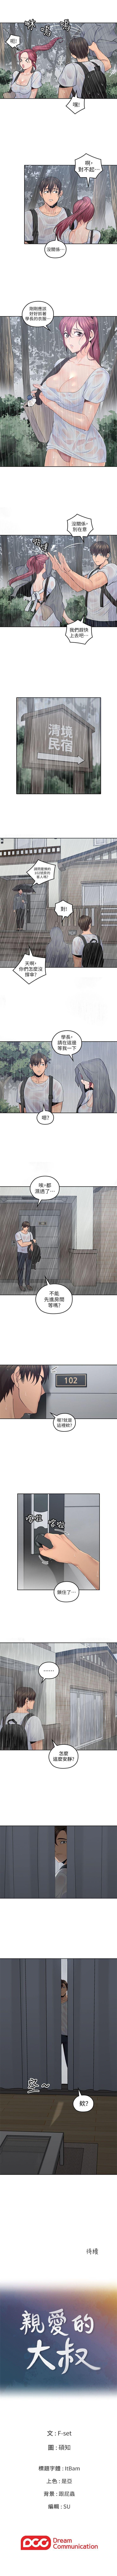 (週4)親愛的大叔 1-33 中文翻譯(更新中) 122